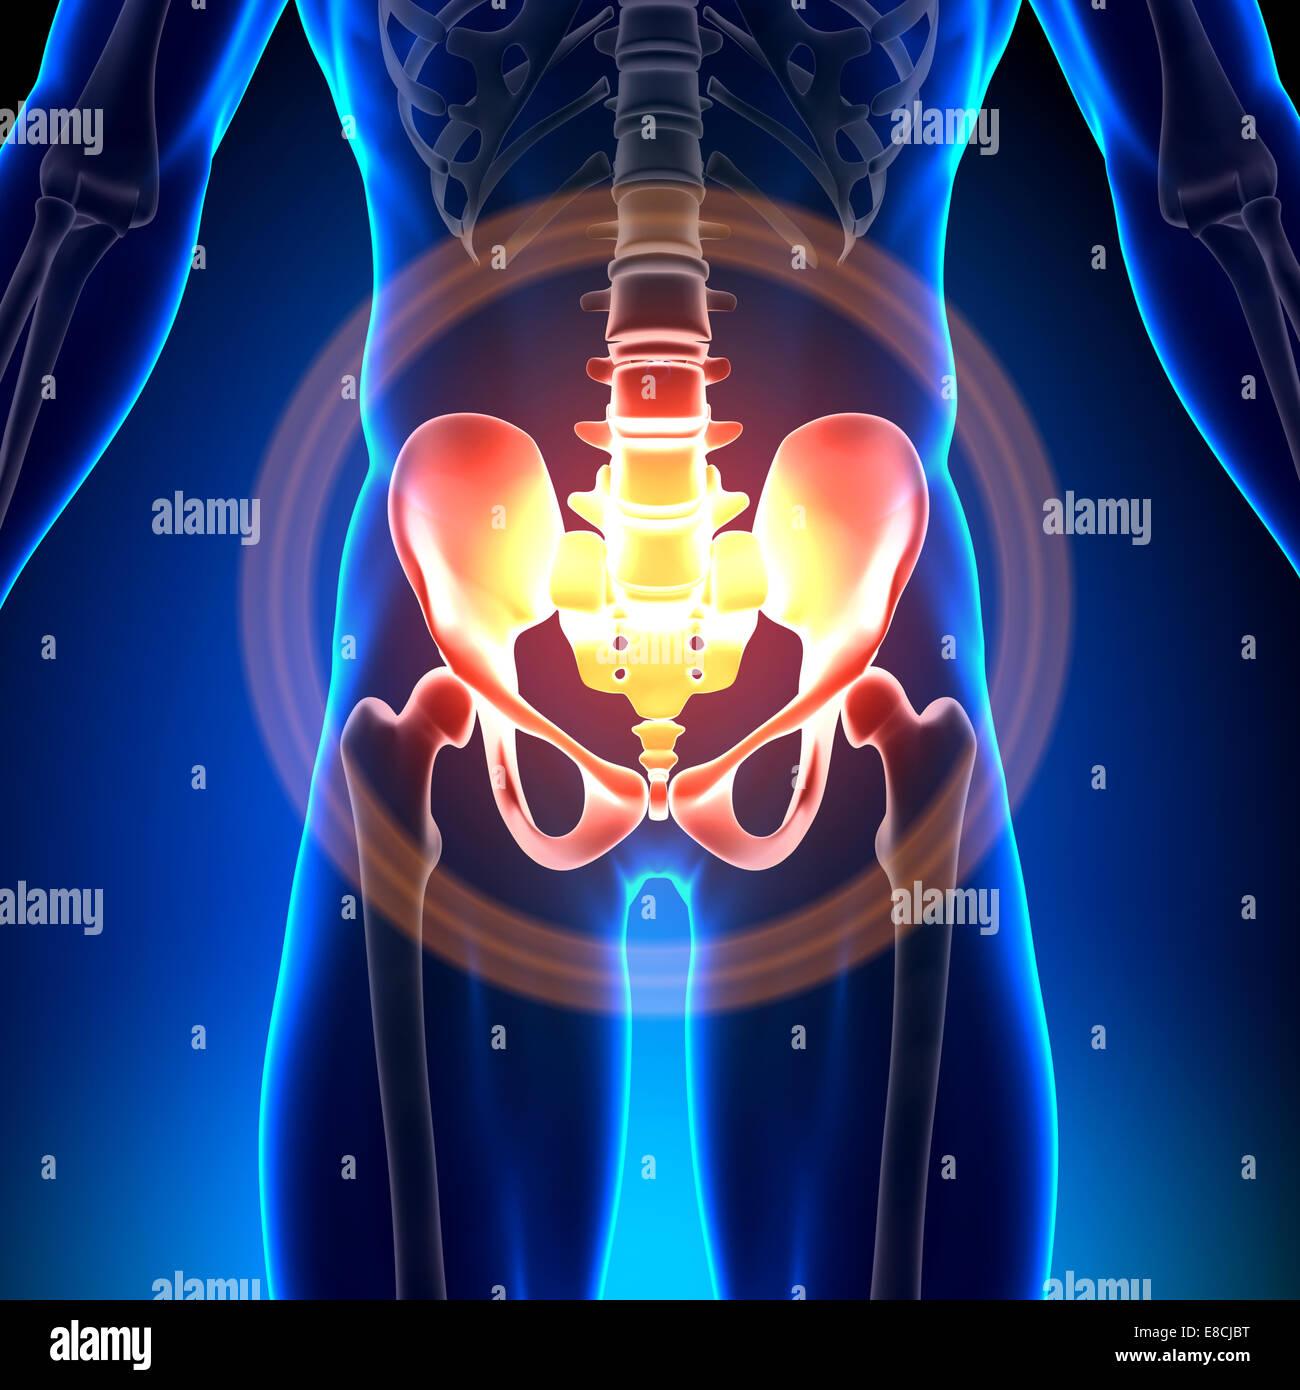 Hüfte / Kreuzbein / Schambein / Sitzbein / Ilium - Anatomie-Knochen ...